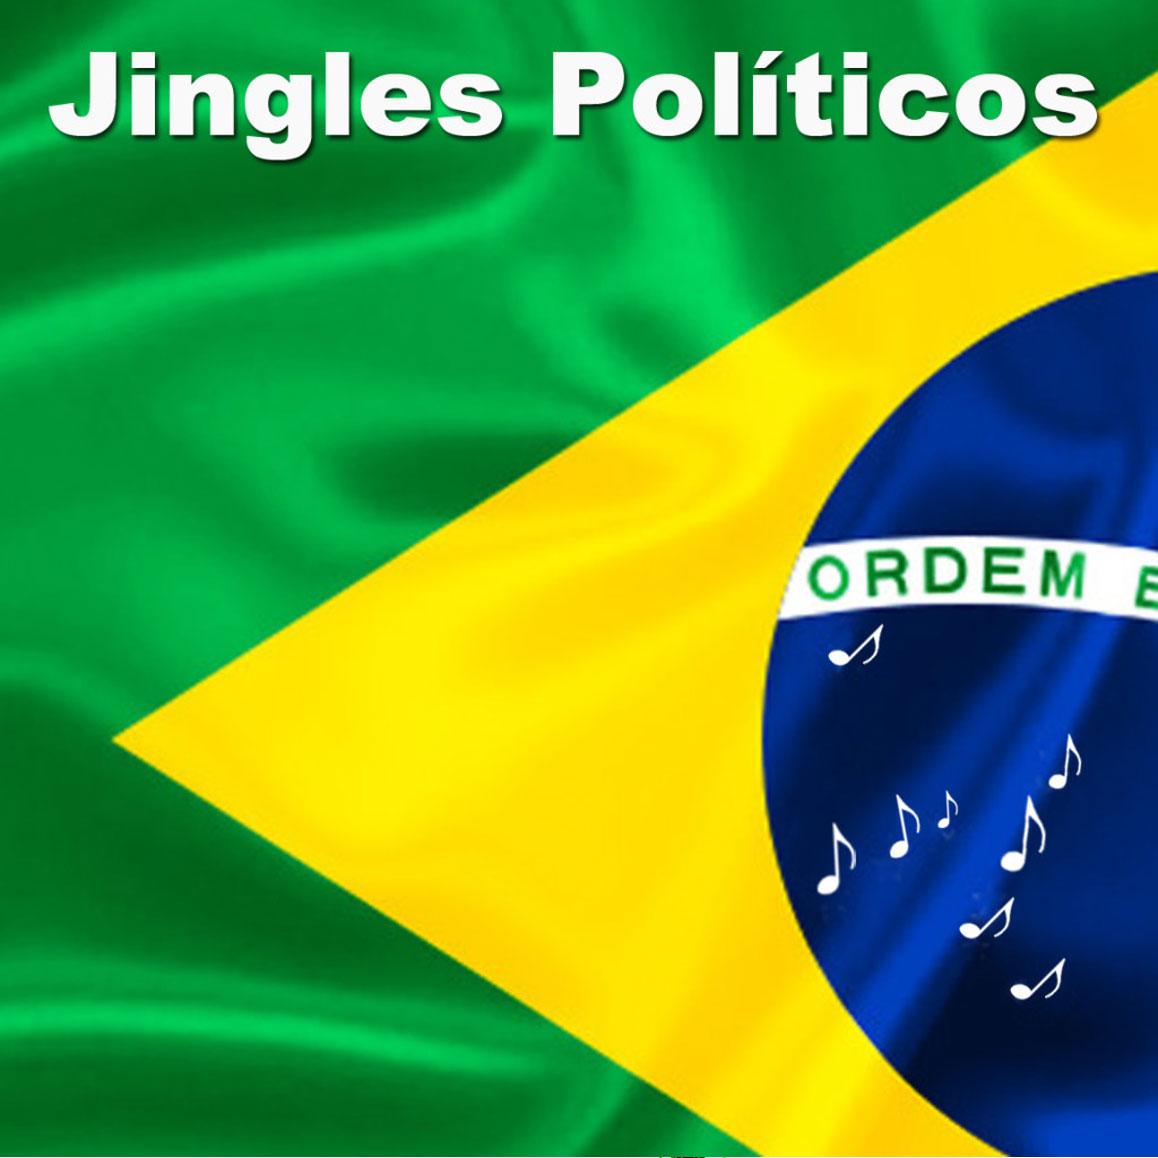 Jingles politicos